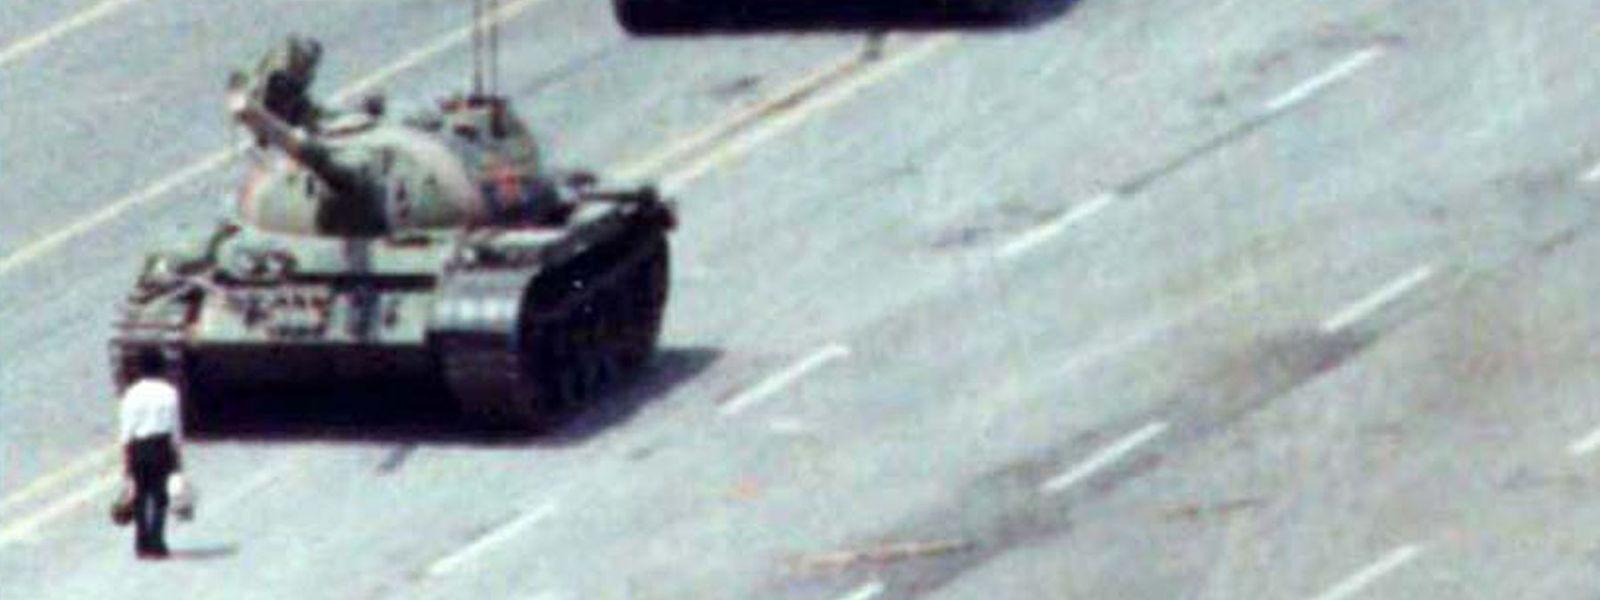 Es ist Bild des friedlichen Widerstandes 1989: Ein couragierter Bürger stellt sich den Panzern auf dem Platz des Himmlischen Friedens entgegen.